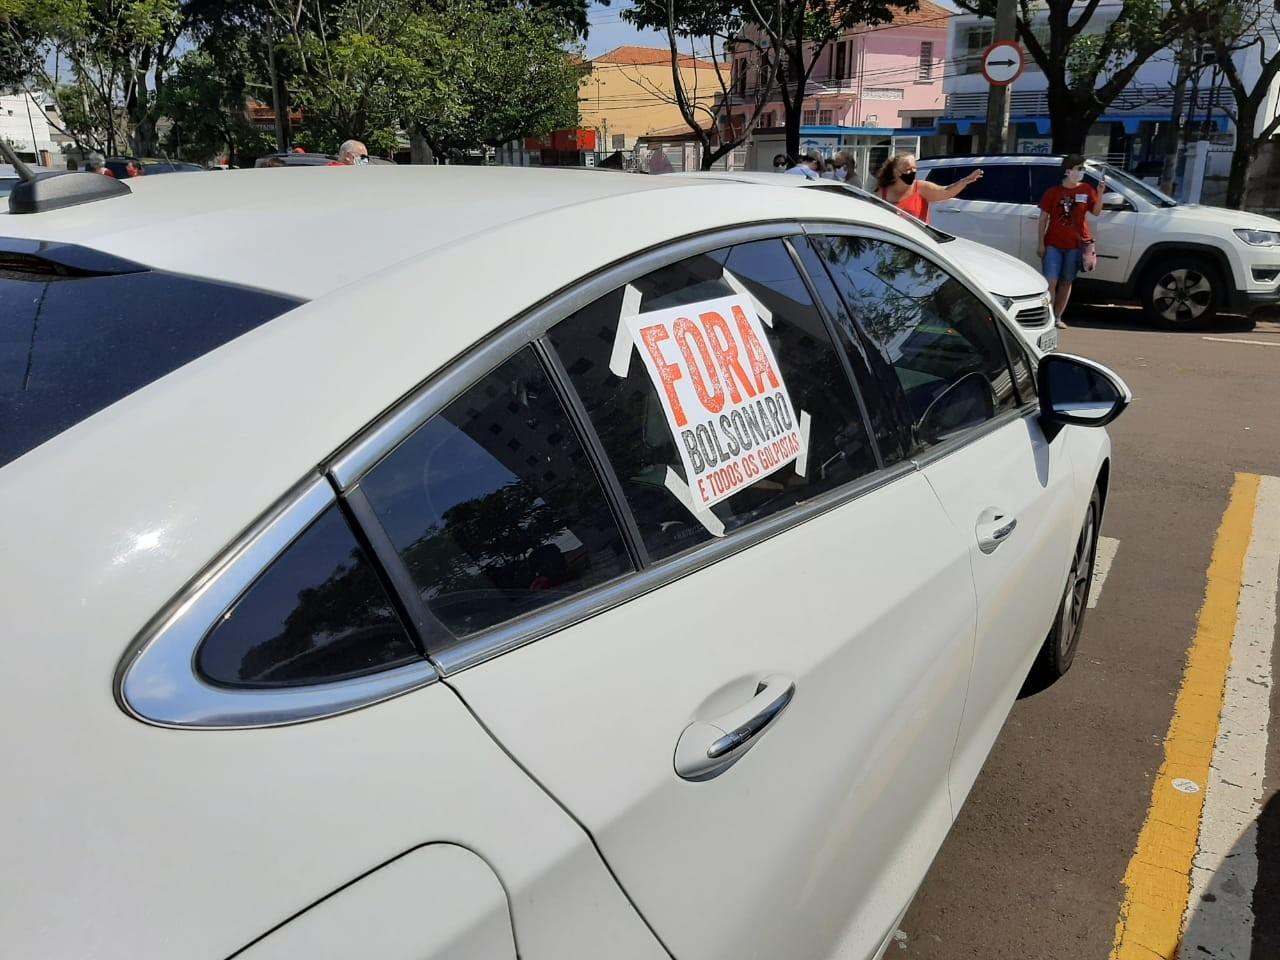 Manifestantes fazem carreata contra Bolsonaro e a favor da vacina em Piracicaba; veja fotos